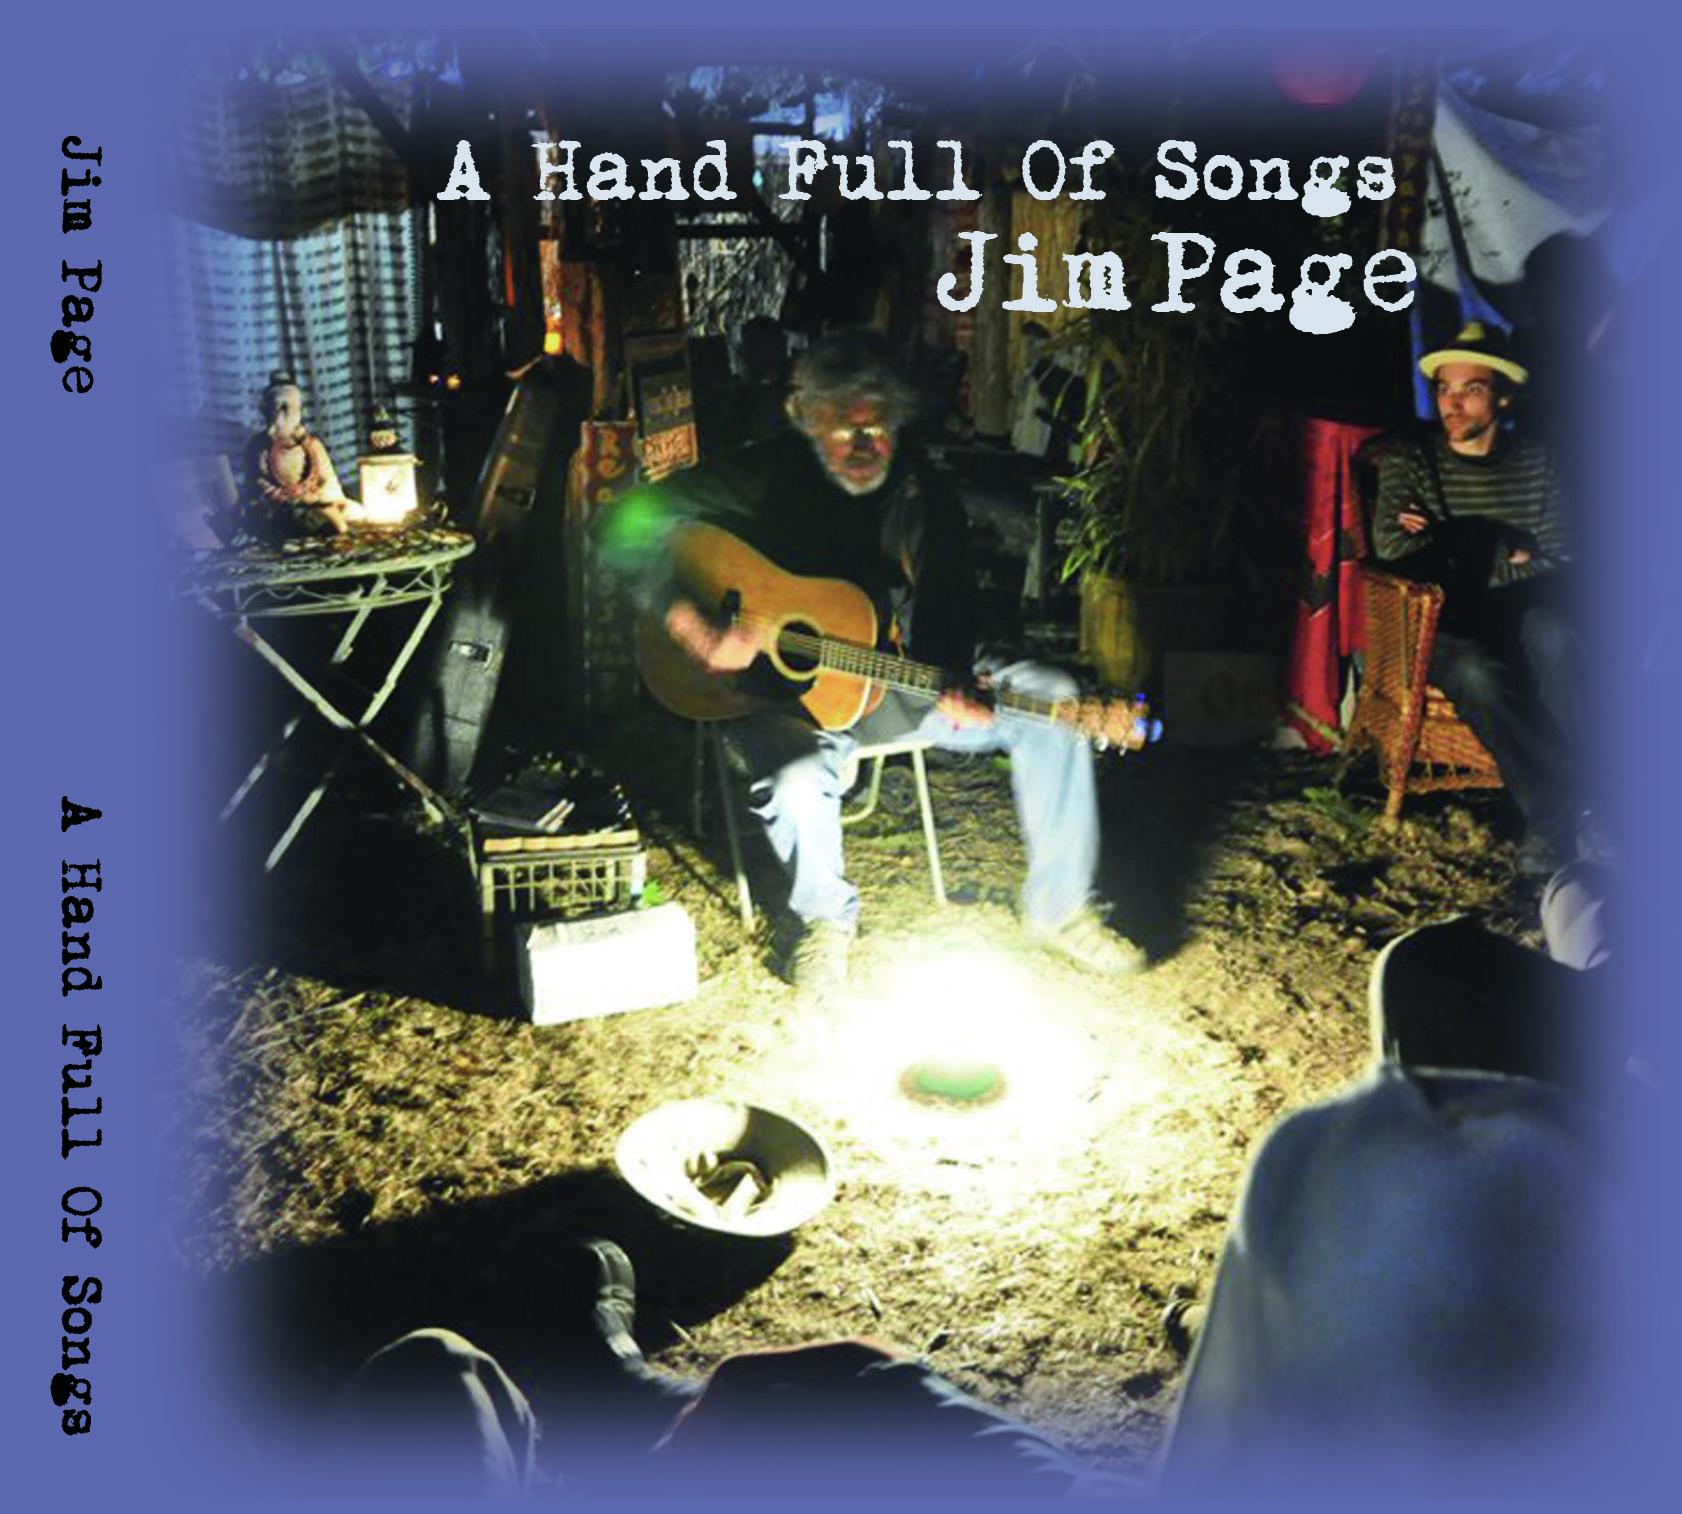 Seattle Jim Page